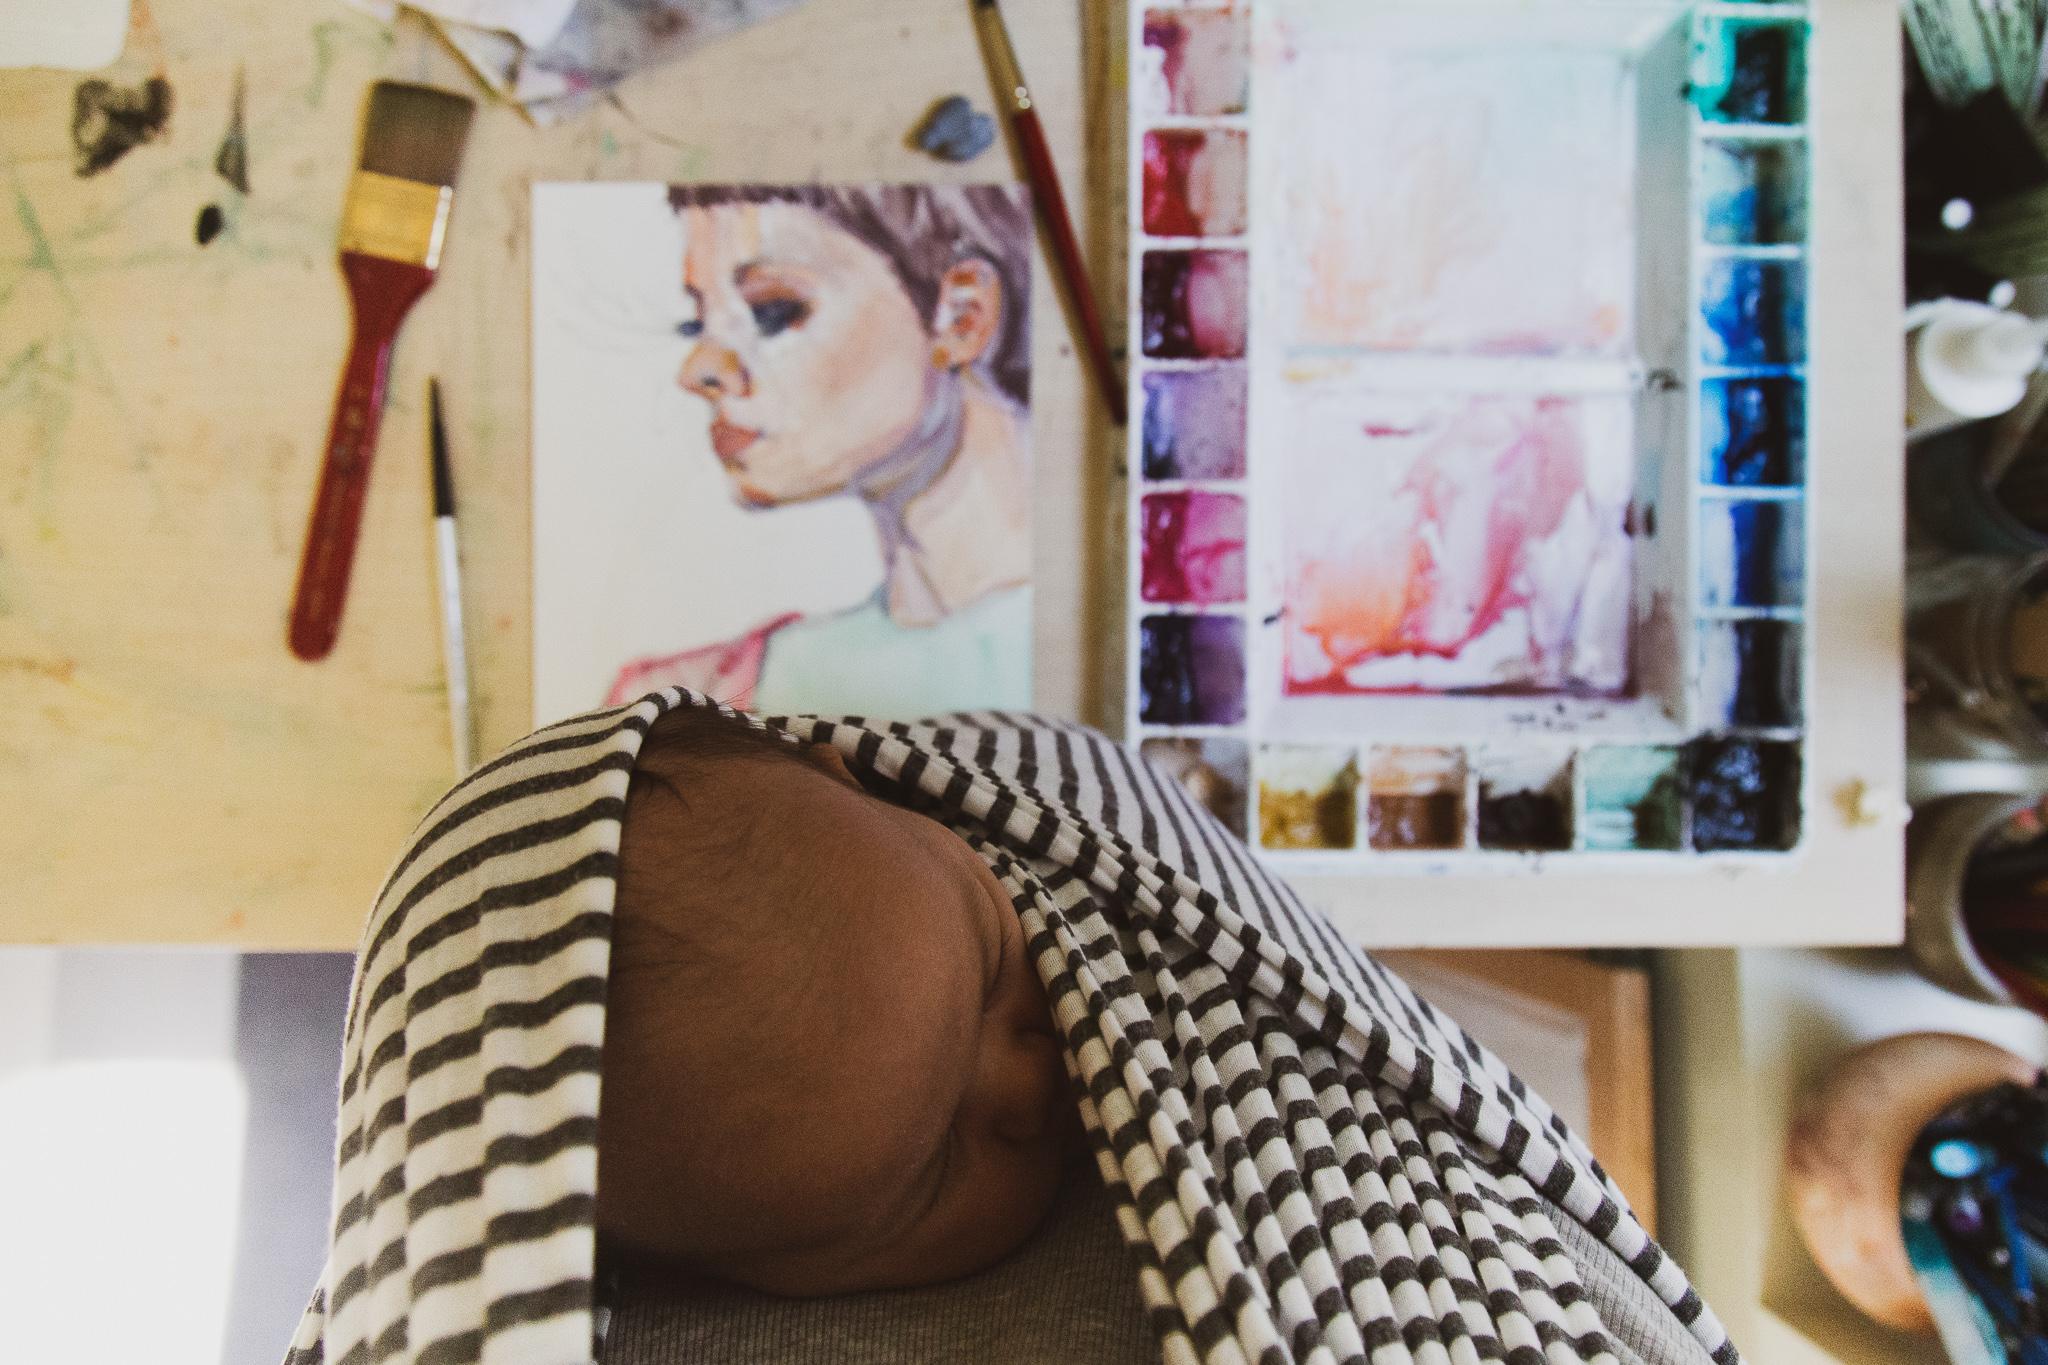 Victoria-Riza Art + Illustration | Postpartum Life | Valentino Couture Spring 2019 Beauty